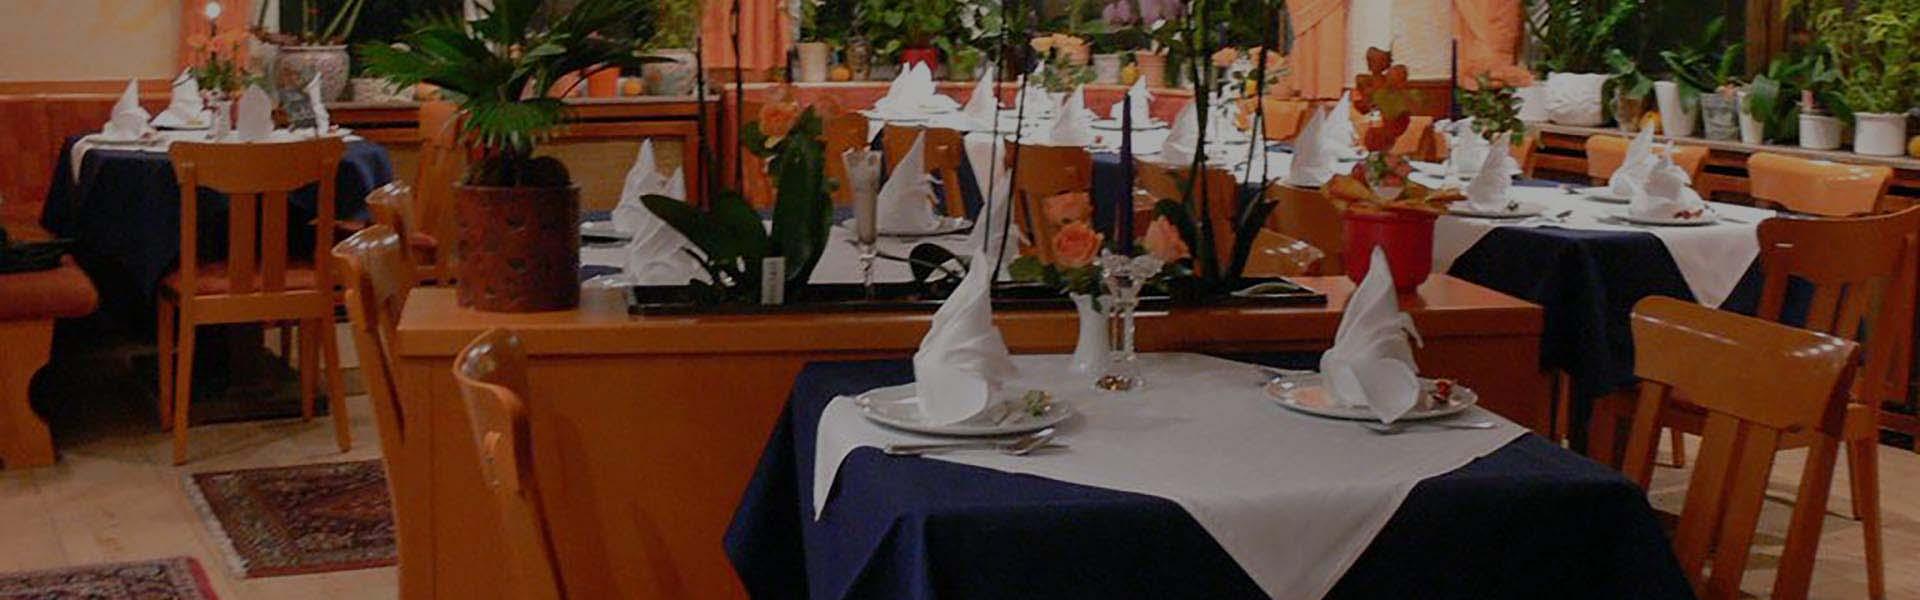 restaurant-head2-quellenhof-bad-breisig